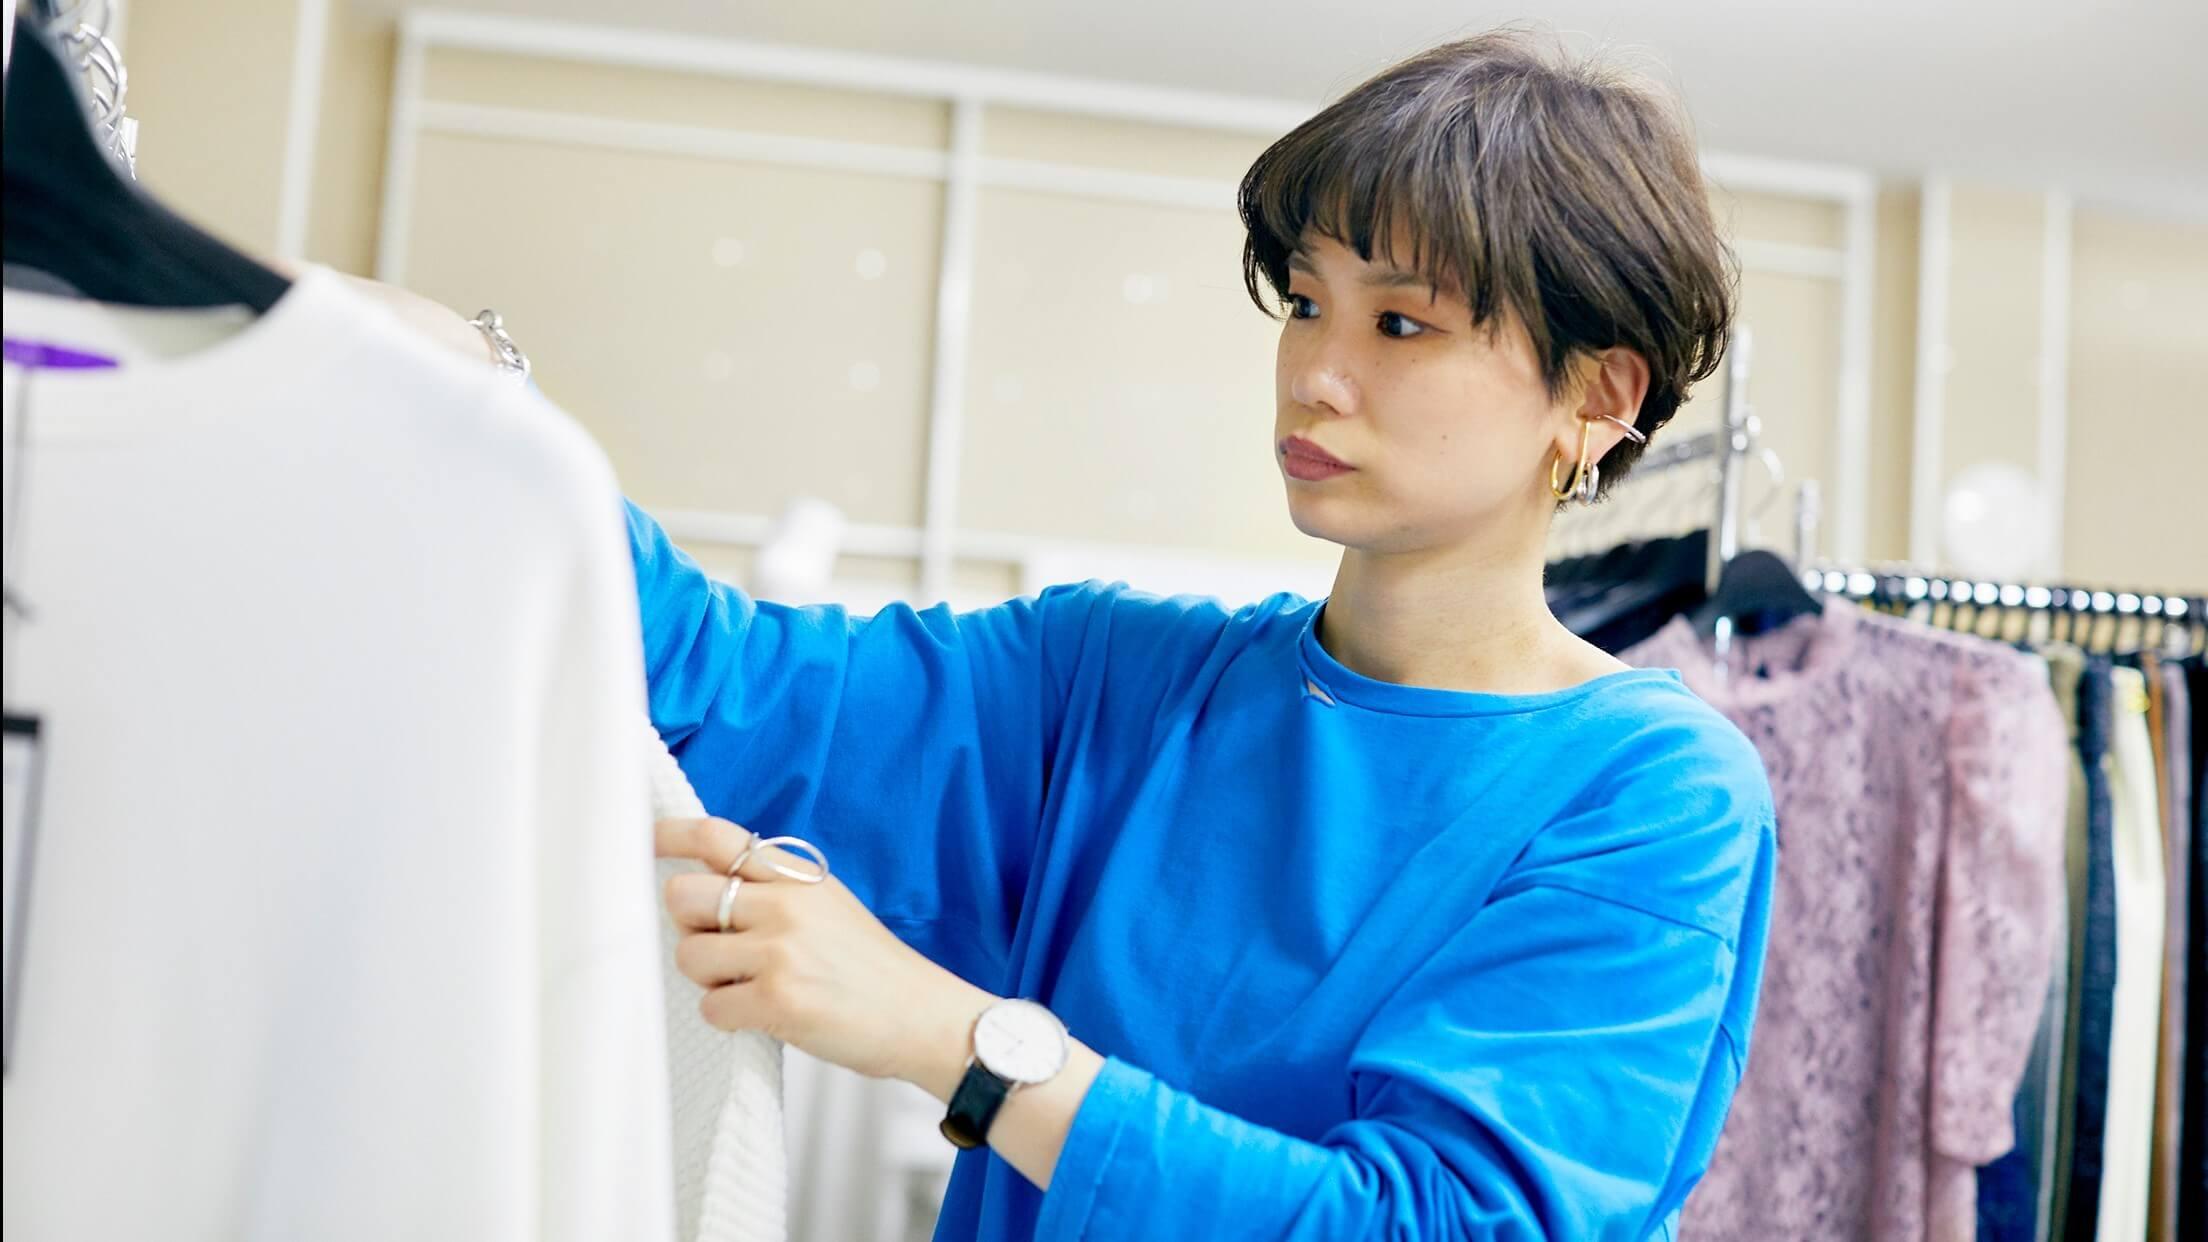 バイヤーなど様々な職種にキャリアアップできるファッションアドバイザー募集のカバー写真